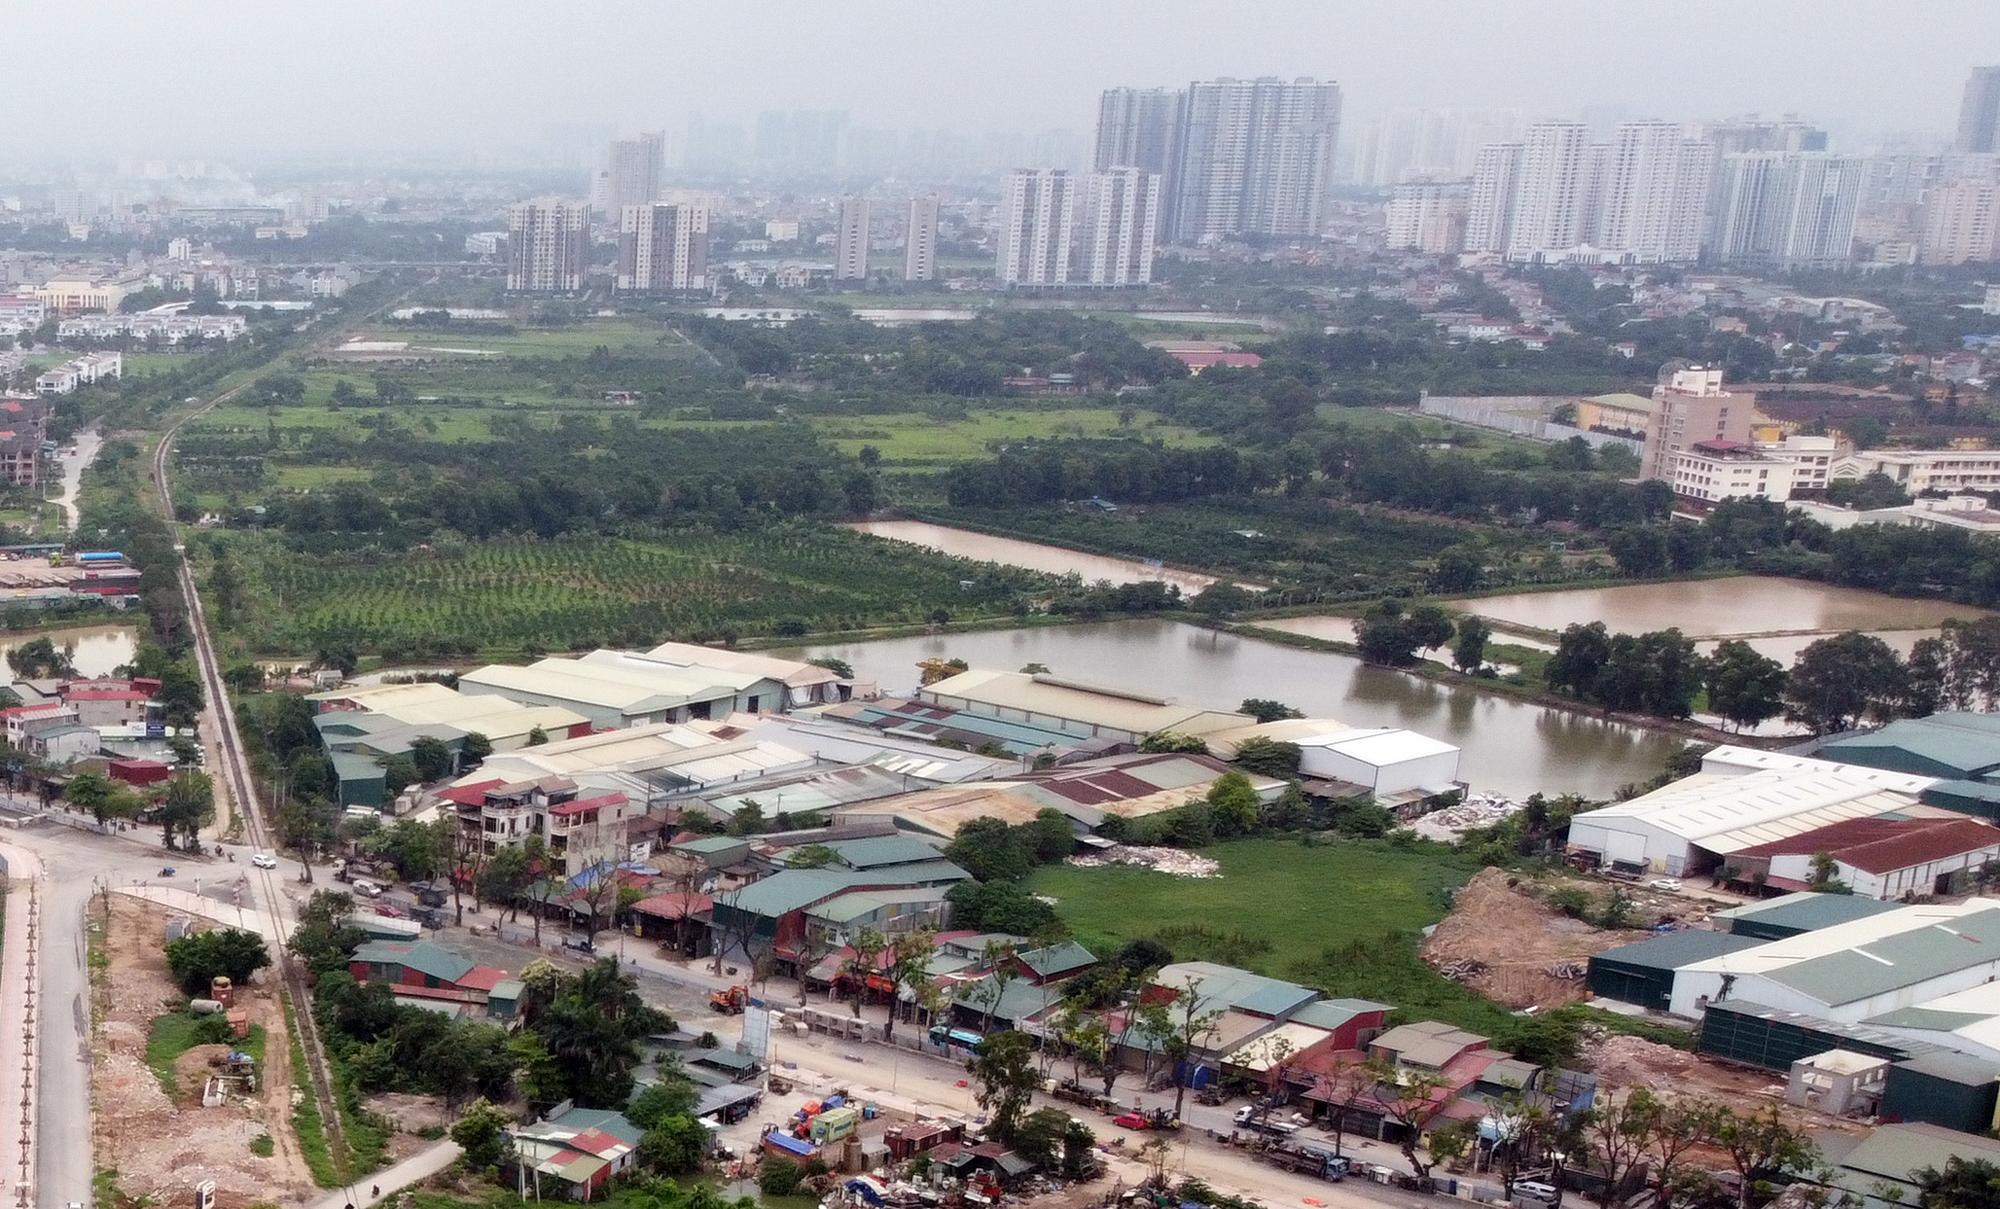 Những khu đất sắp thu hồi để mở đường ở phường Tây Mỗ, Nam Từ Liêm, Hà Nội (phần 3) - Ảnh 7.